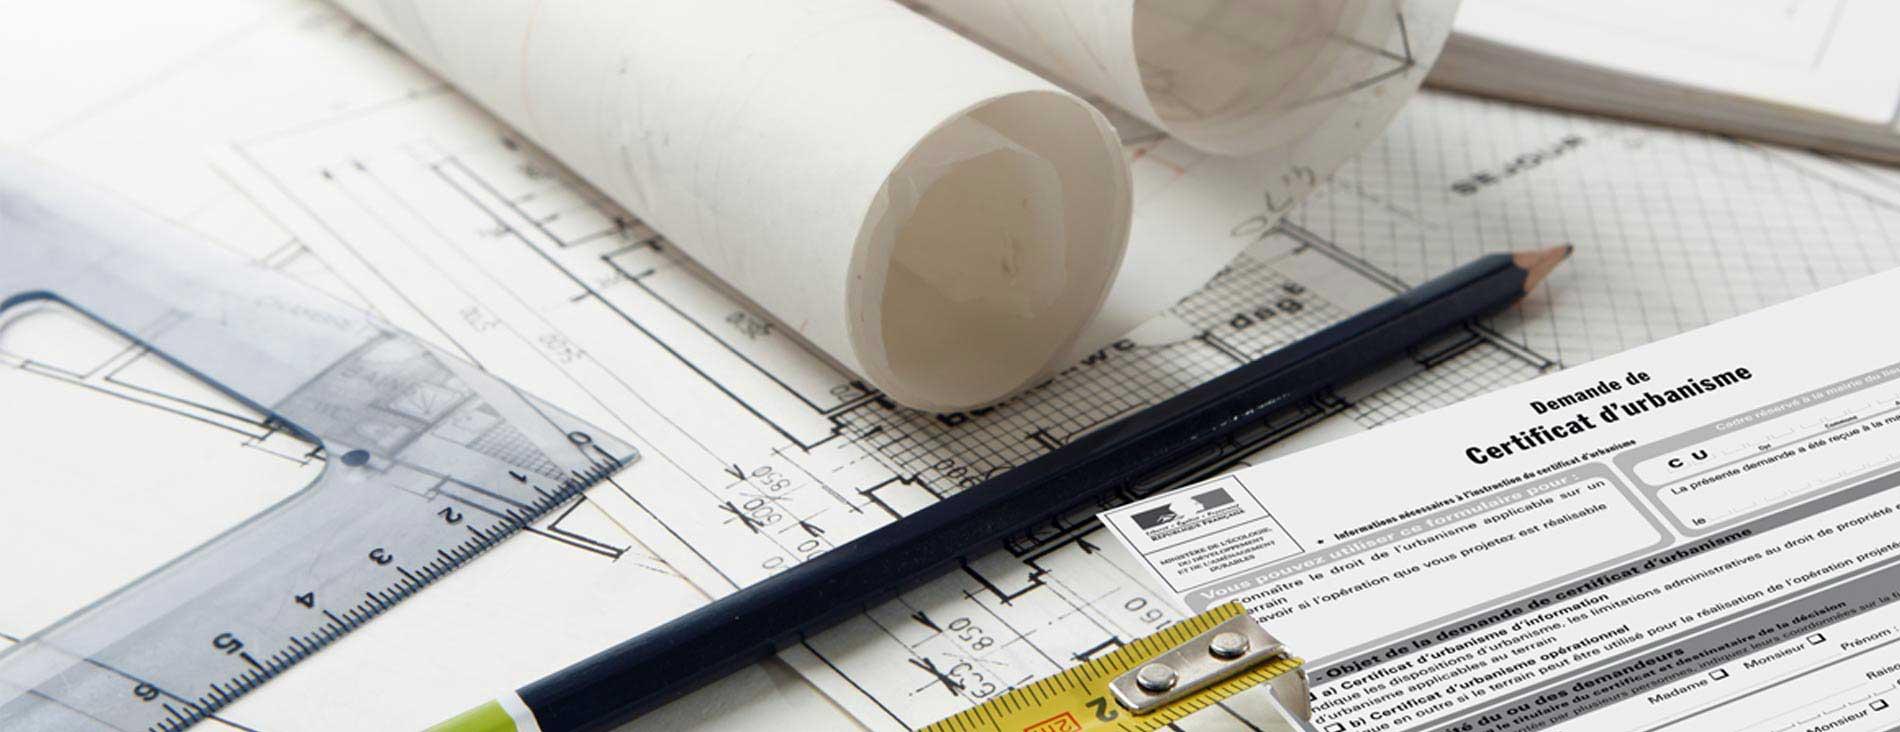 Certificat d'urbanisme posé sur une table de travail avec un crayon, une equerre et un mêtre à ruban